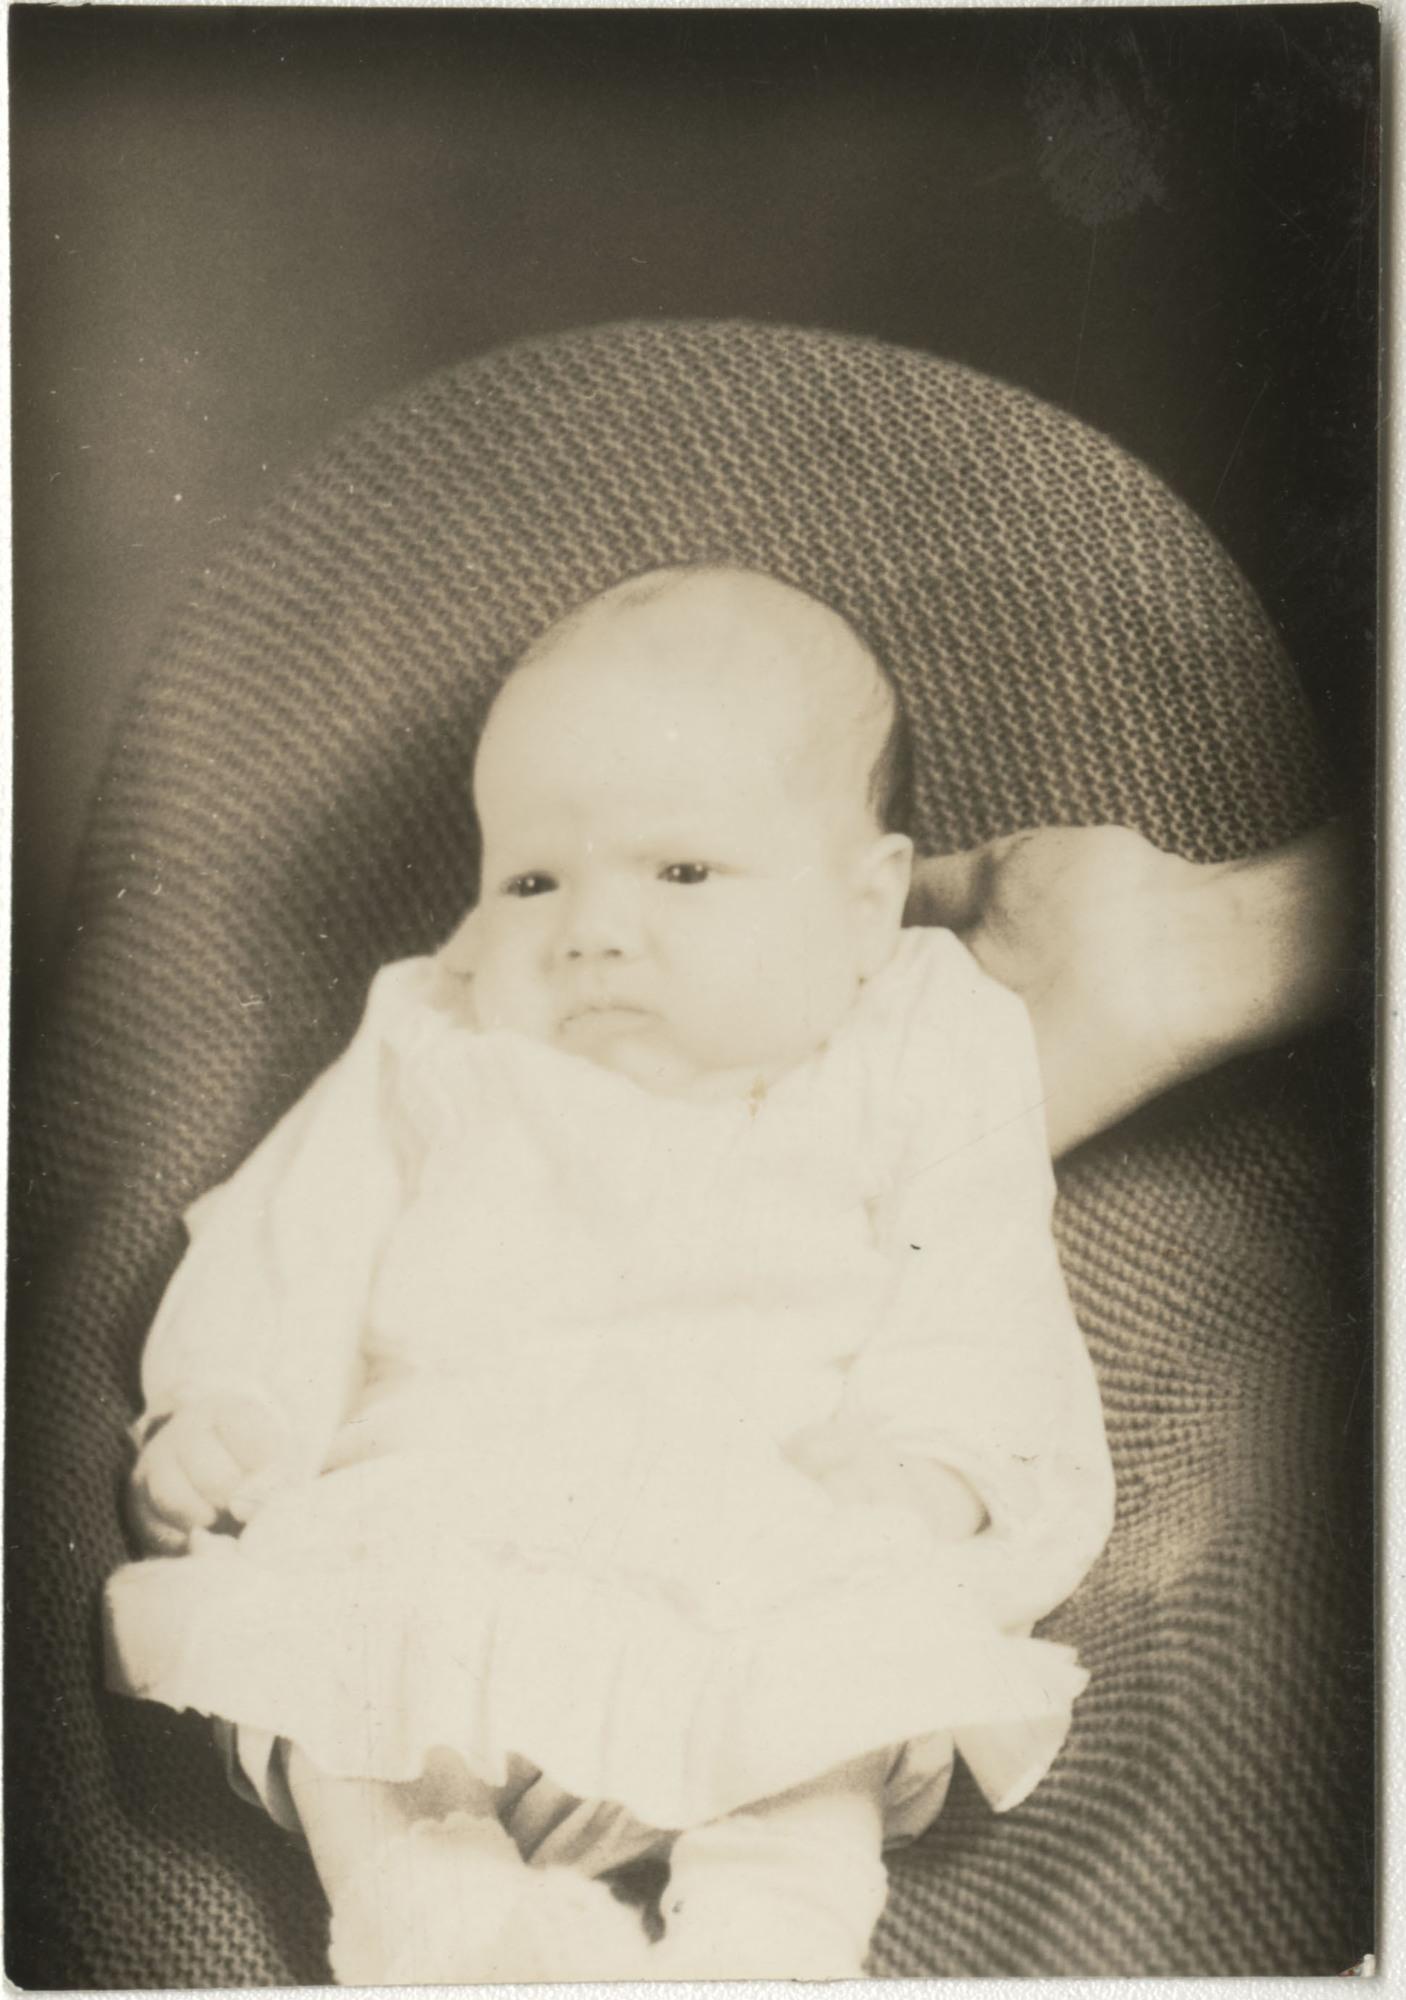 Ms2014-002_BeulahAllen_B1_F15_Photograph_1938_1100_01a.jpg